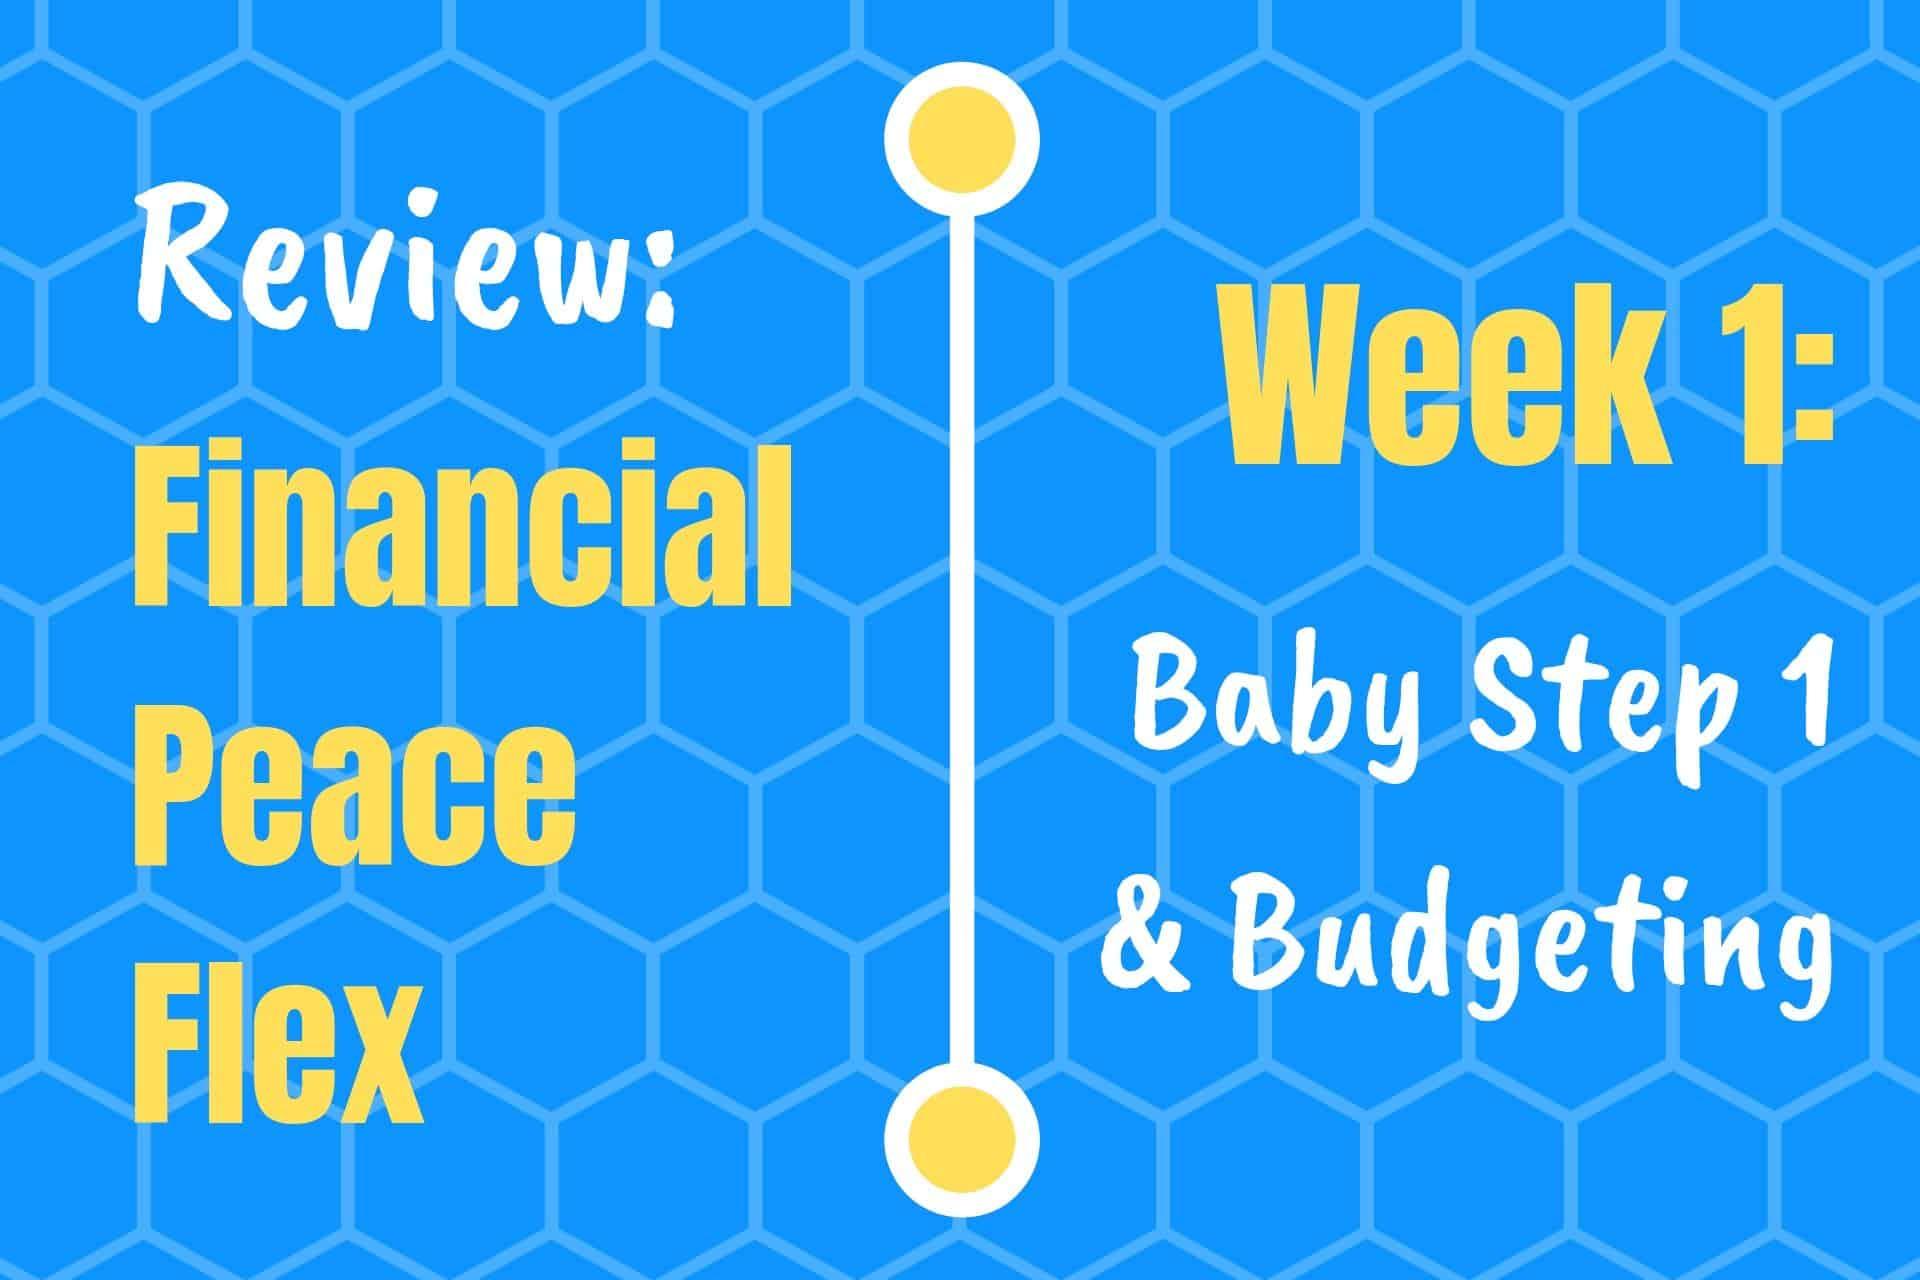 FPF Week 1